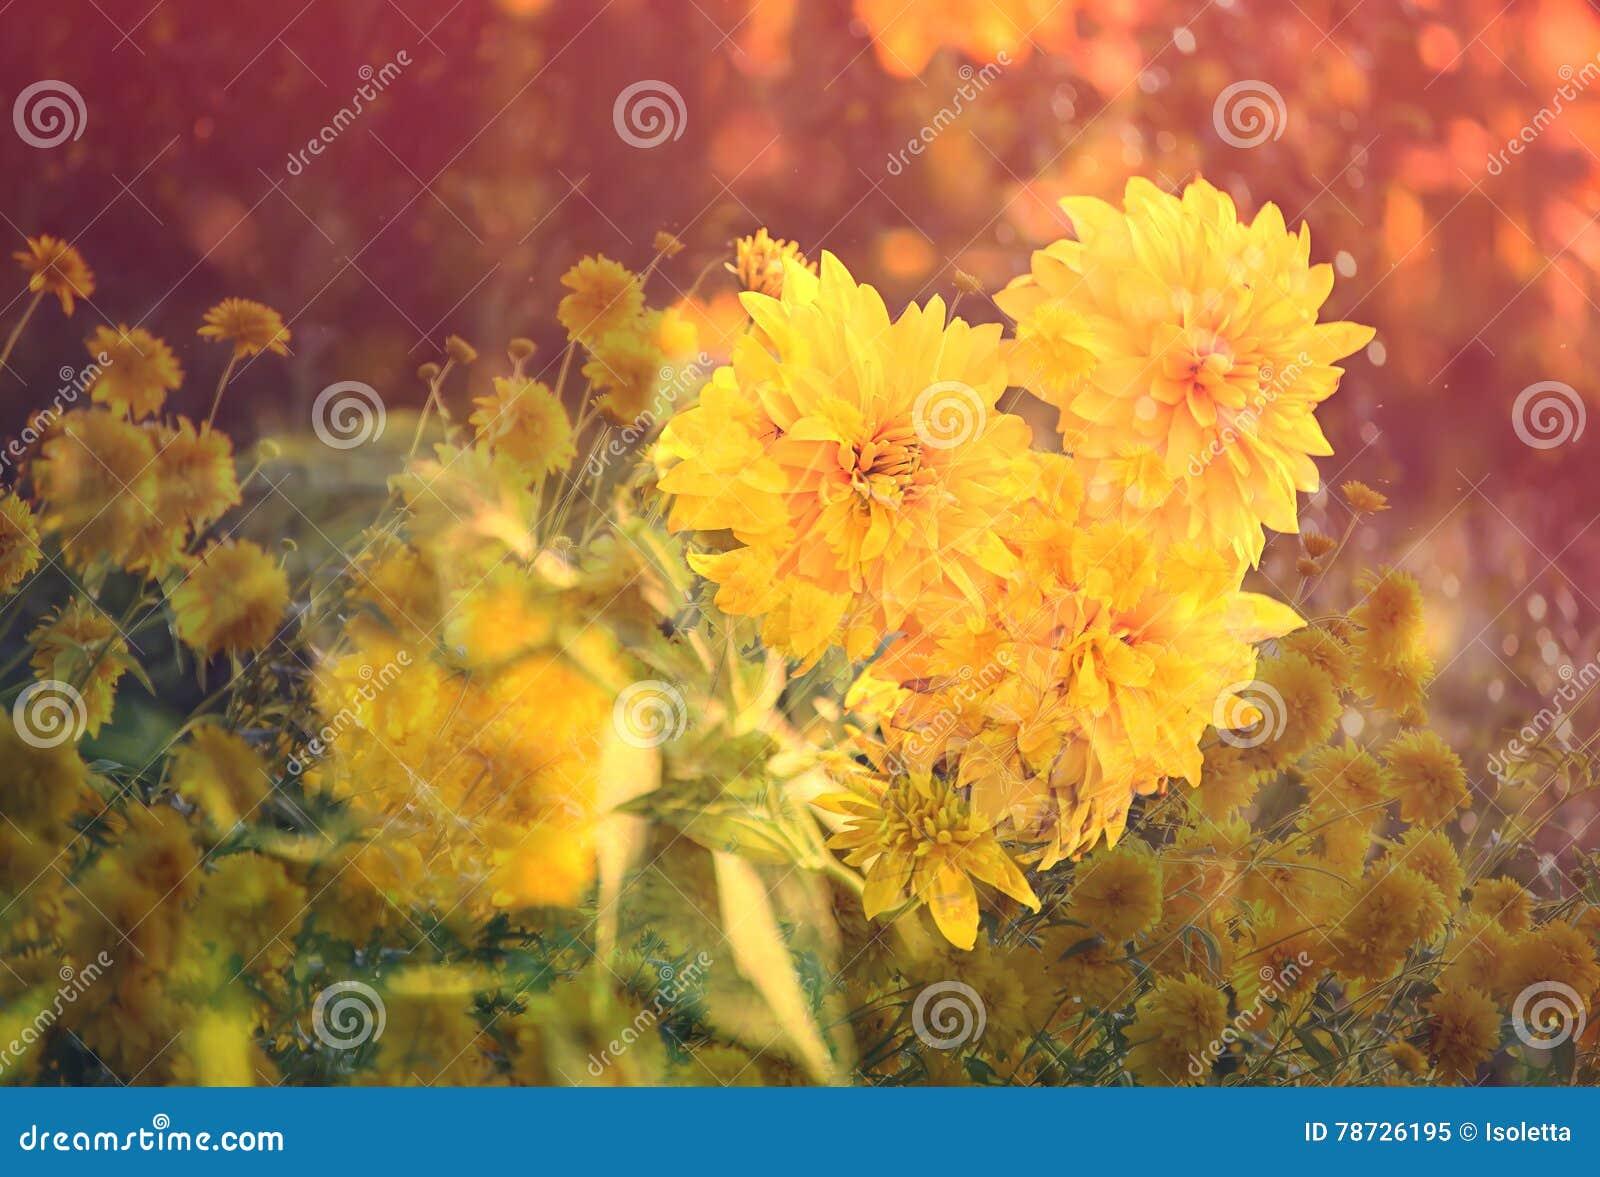 Rudbeckia Golden Ball Flower Stock Image Image Of Botany Eyed